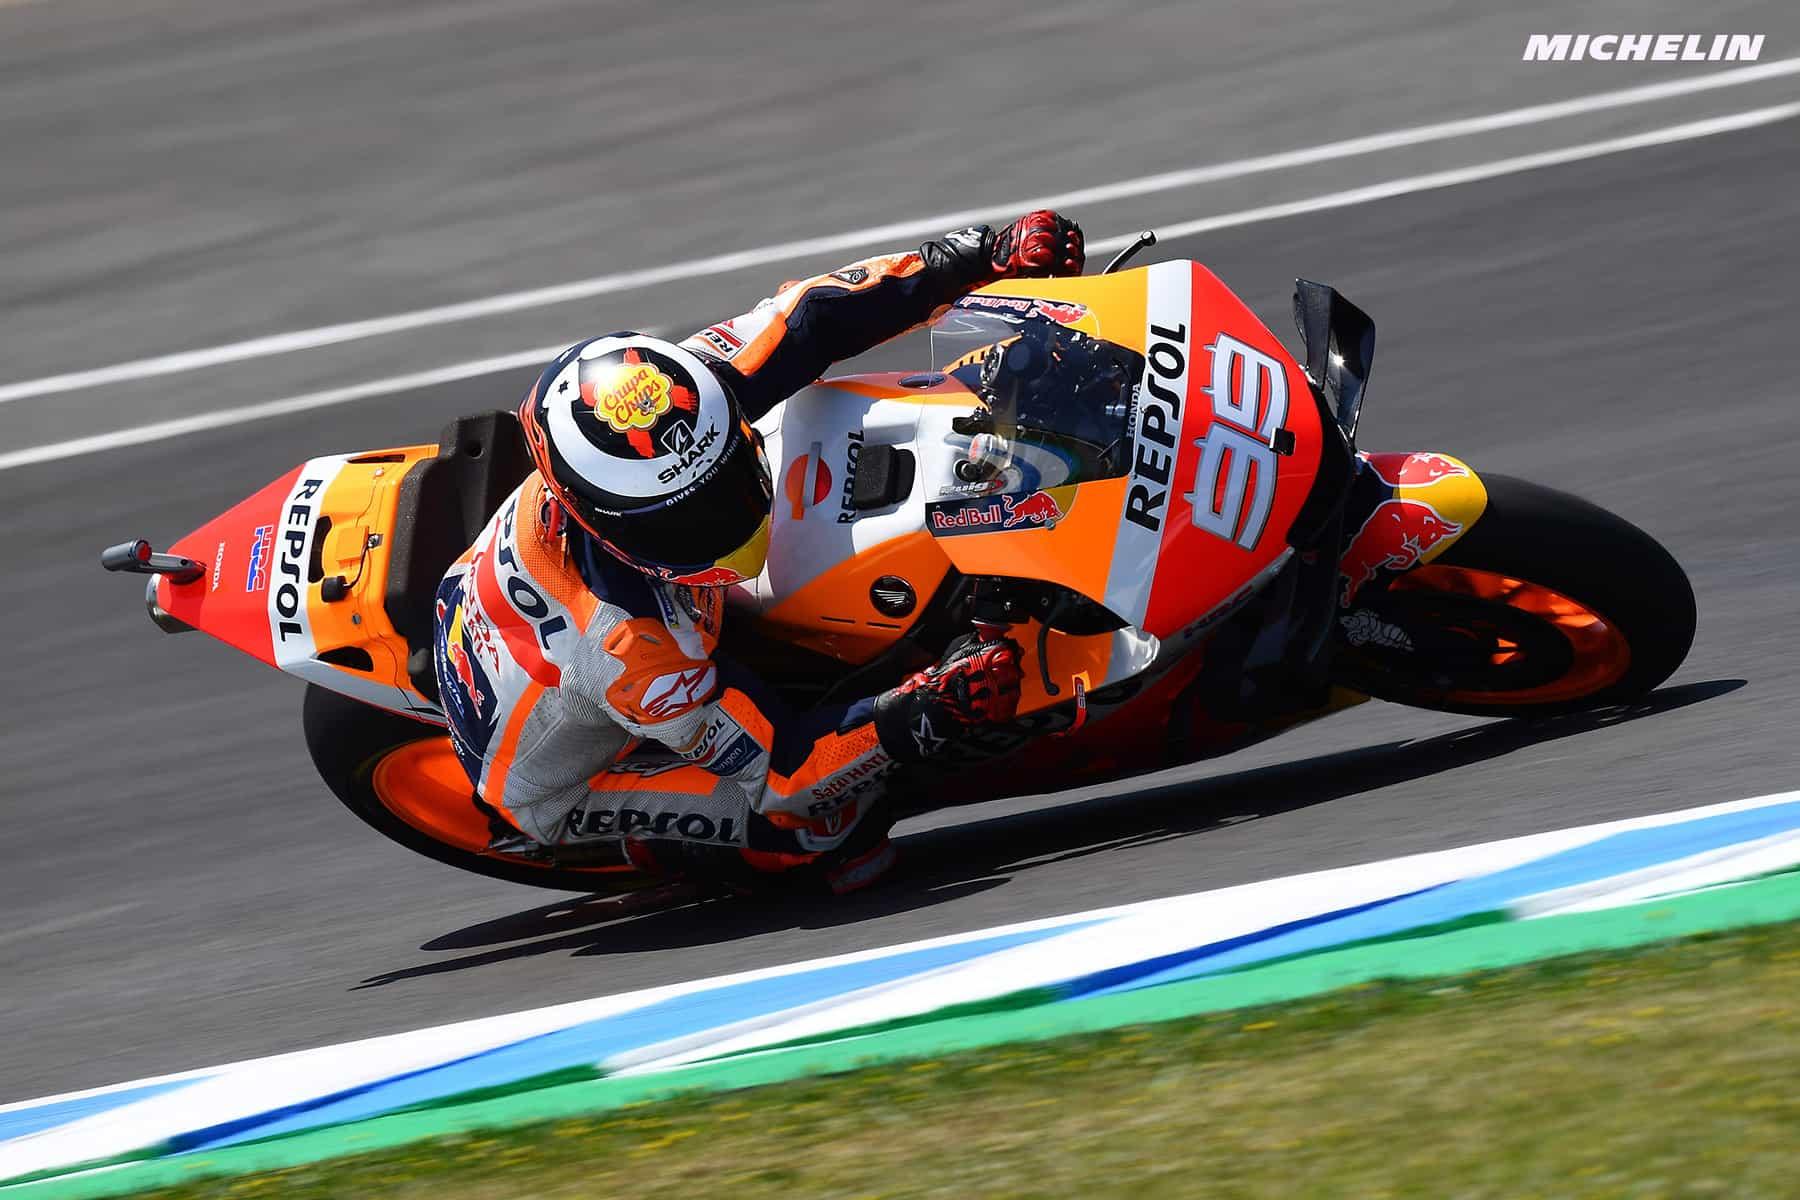 MotoGP2019ヘレスGP 予選11位 ロレンソ「フロントから転倒してしまった」